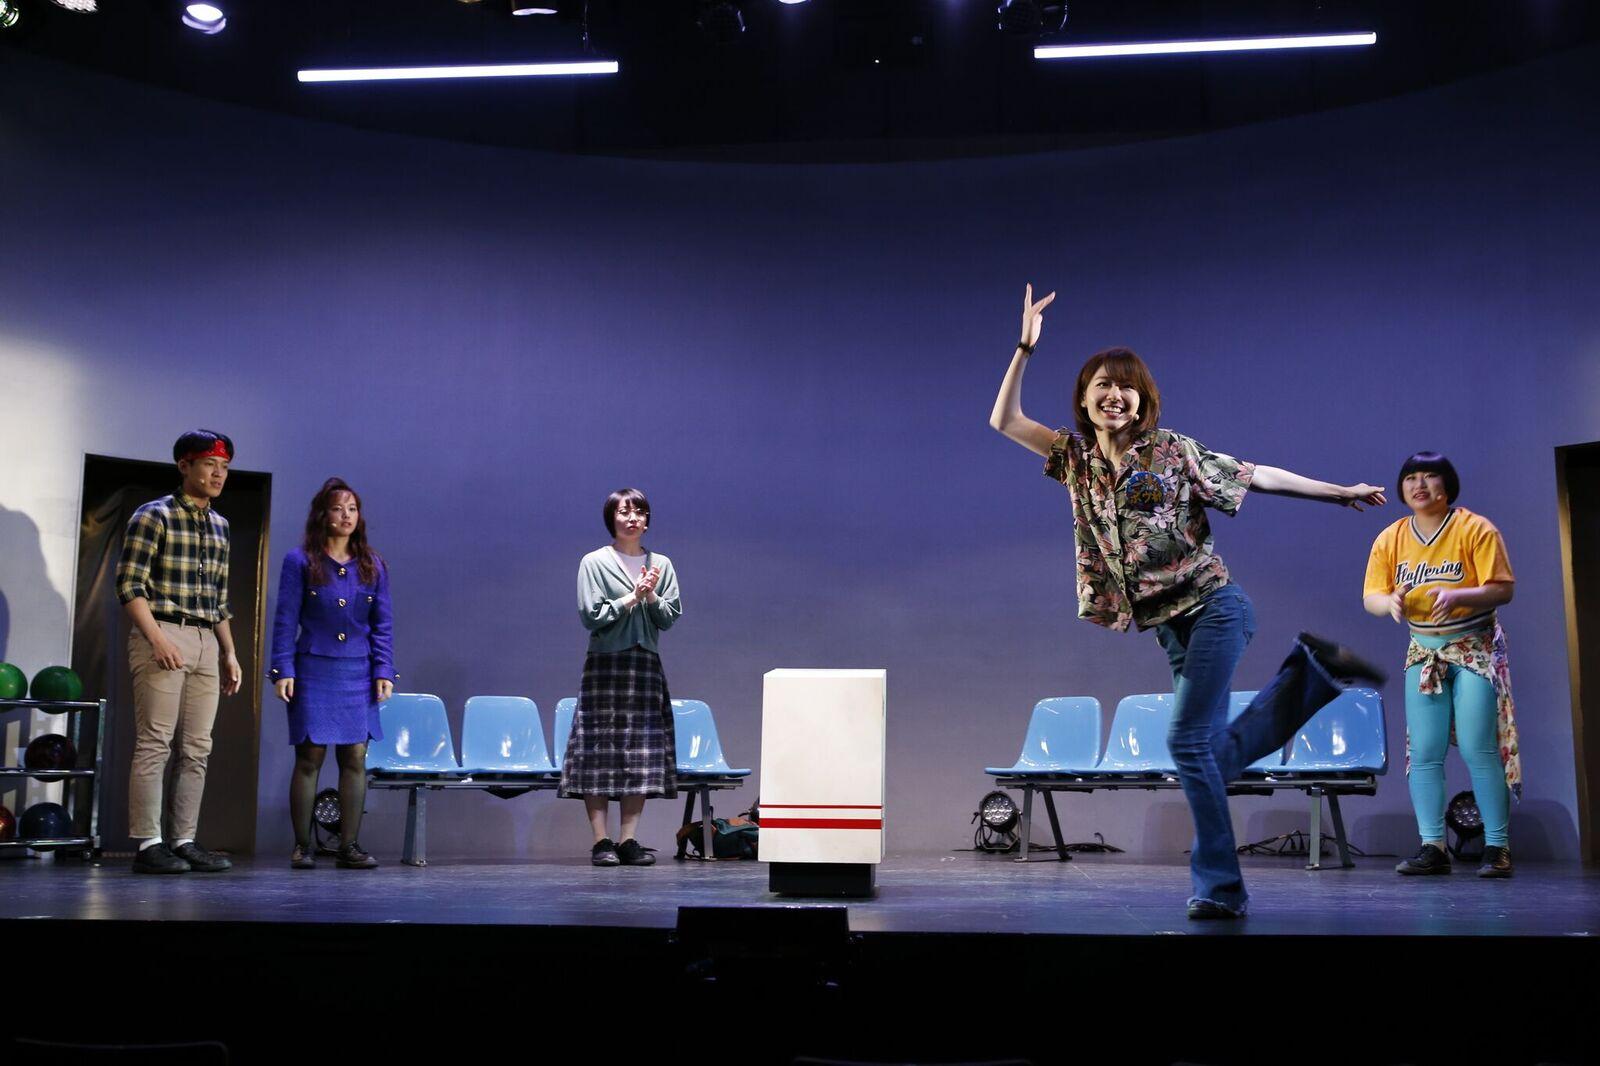 劇団4ドル50セント 週末定期公演 Vol.1舞台写真6